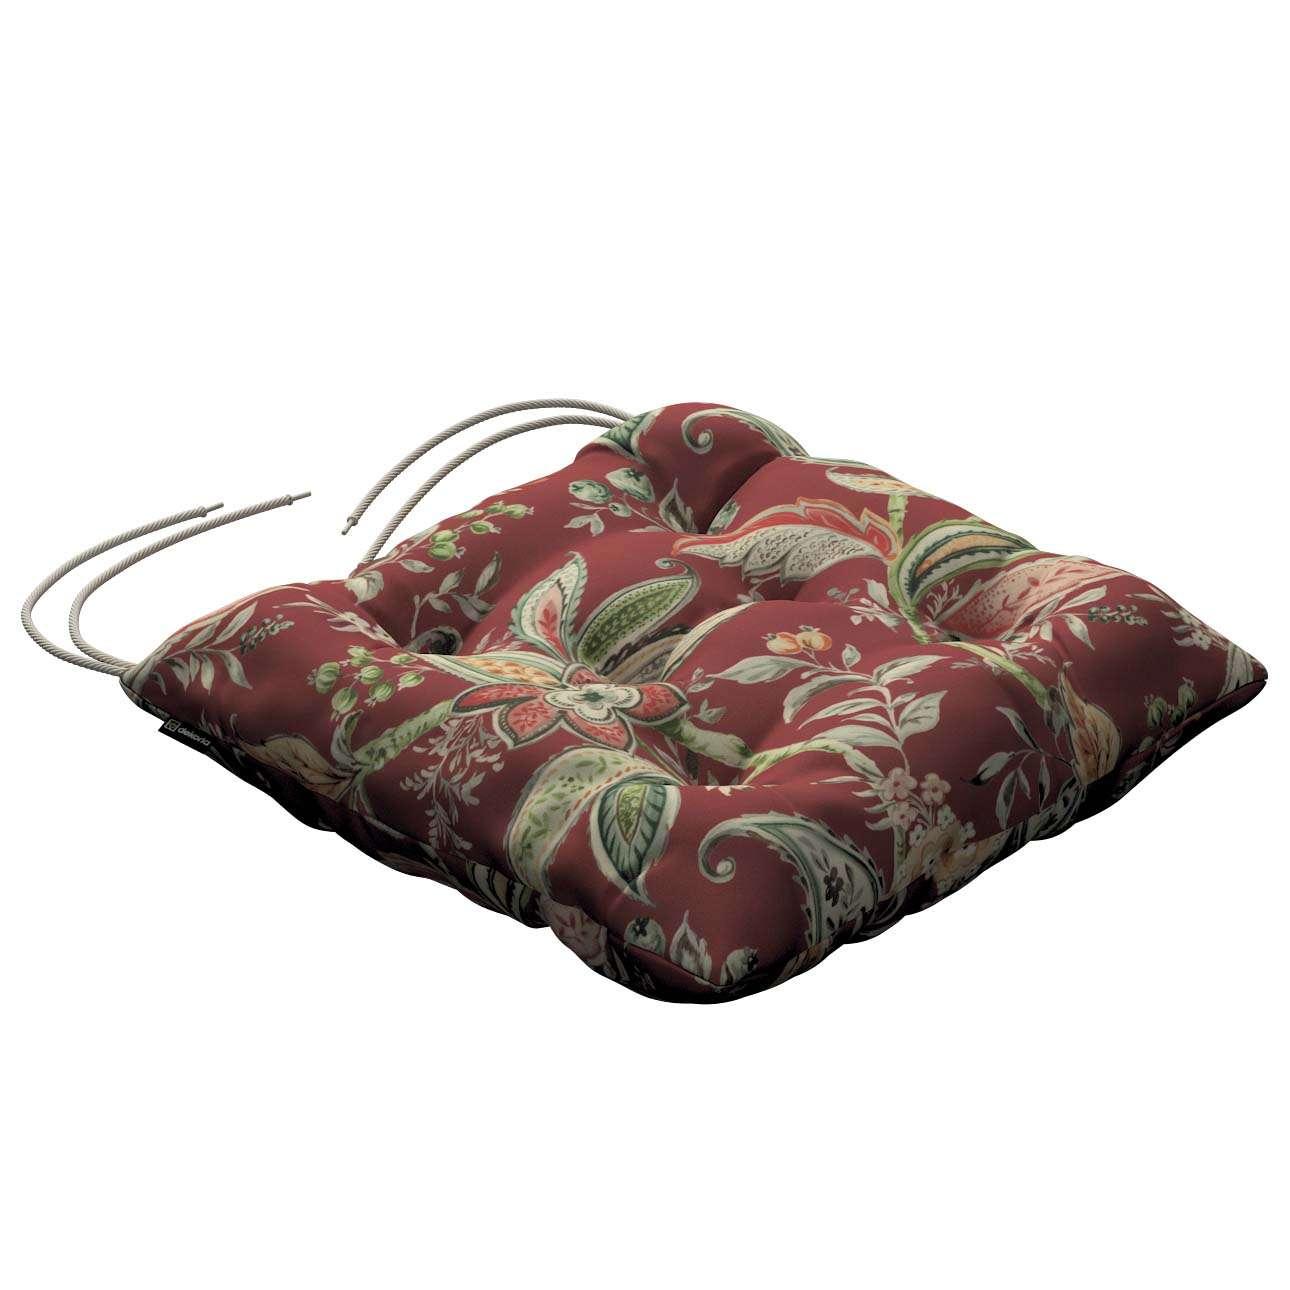 Siedzisko Jacek na krzesło w kolekcji Gardenia, tkanina: 142-12